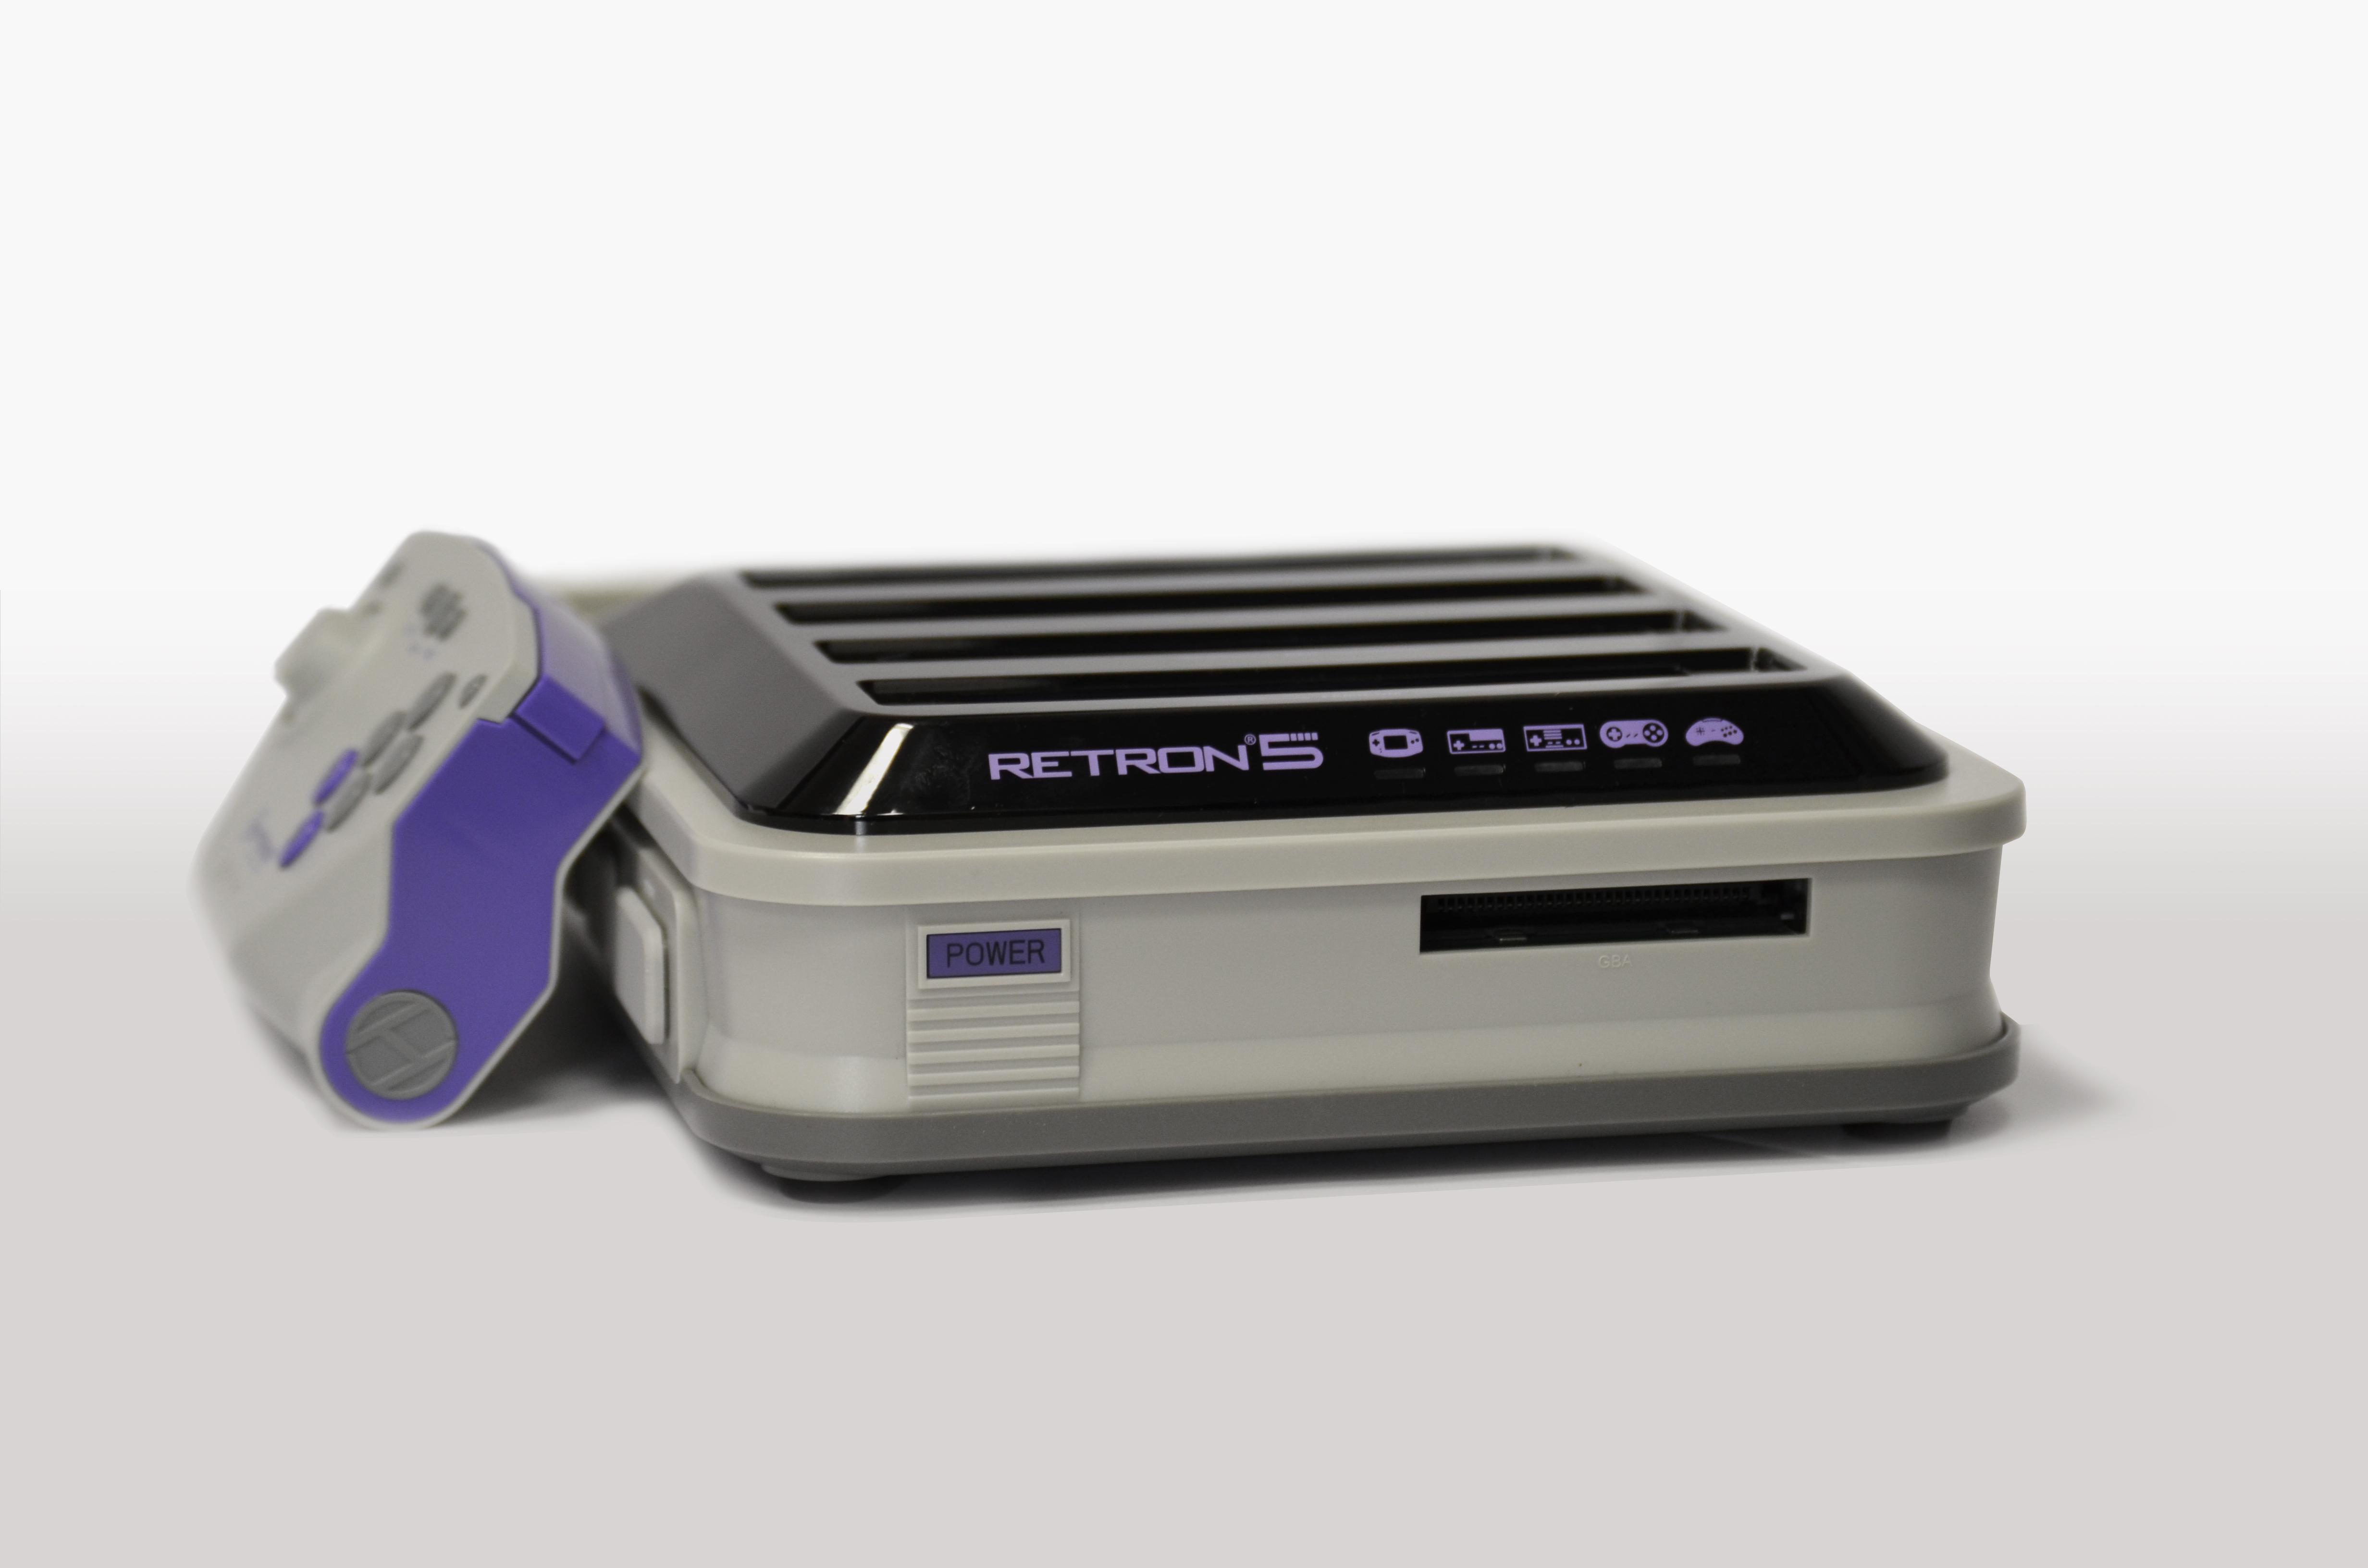 RETRON 5 console